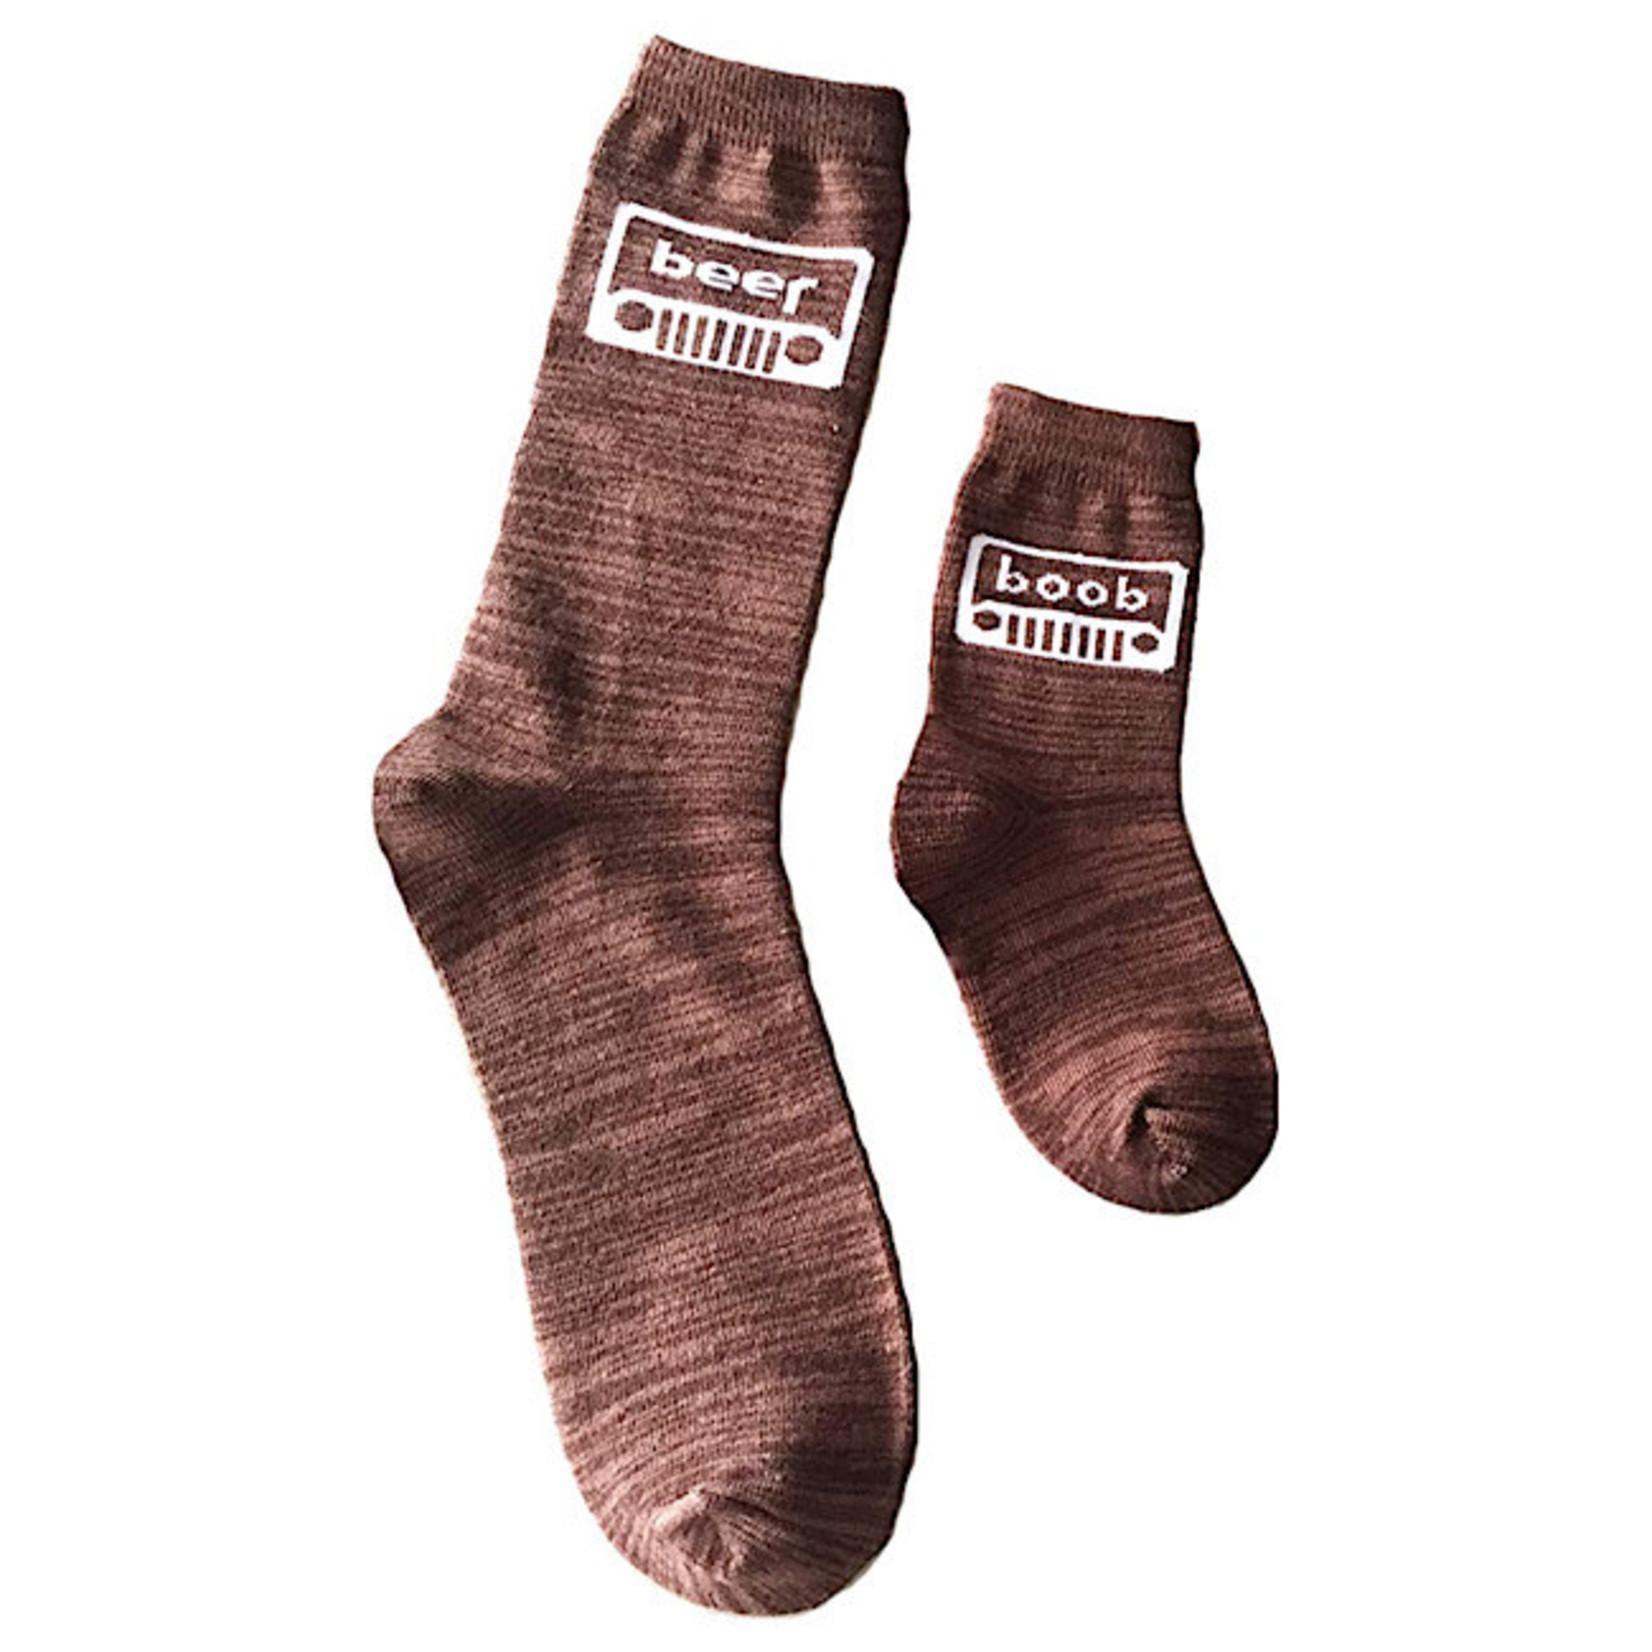 Socks (2 Pack)(Mens & Kids) - Beer, Boob